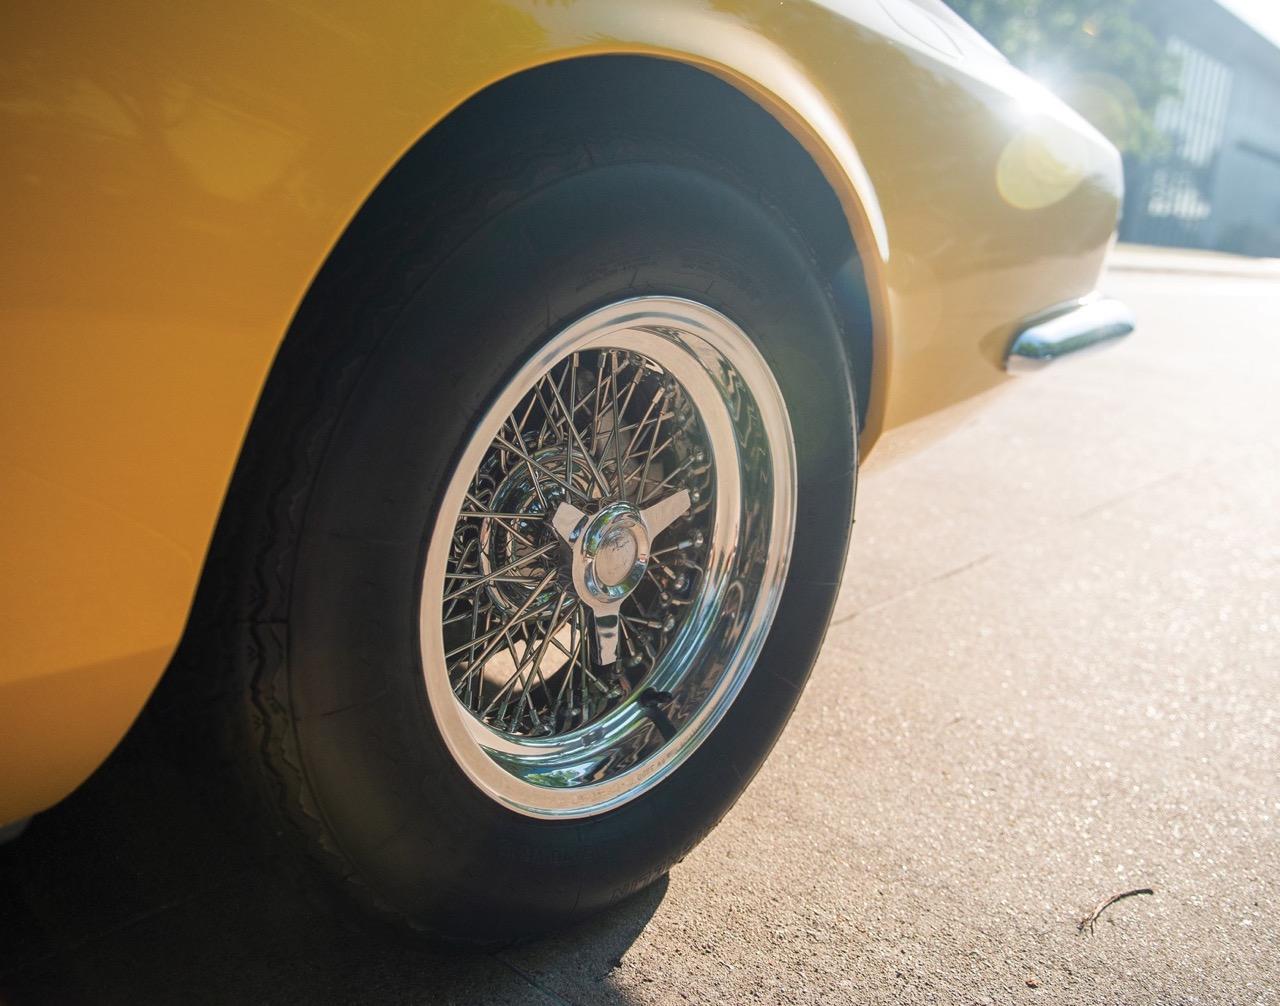 '68 Ferrari 365 GT 2+2 - Le charme des familiales ! 50